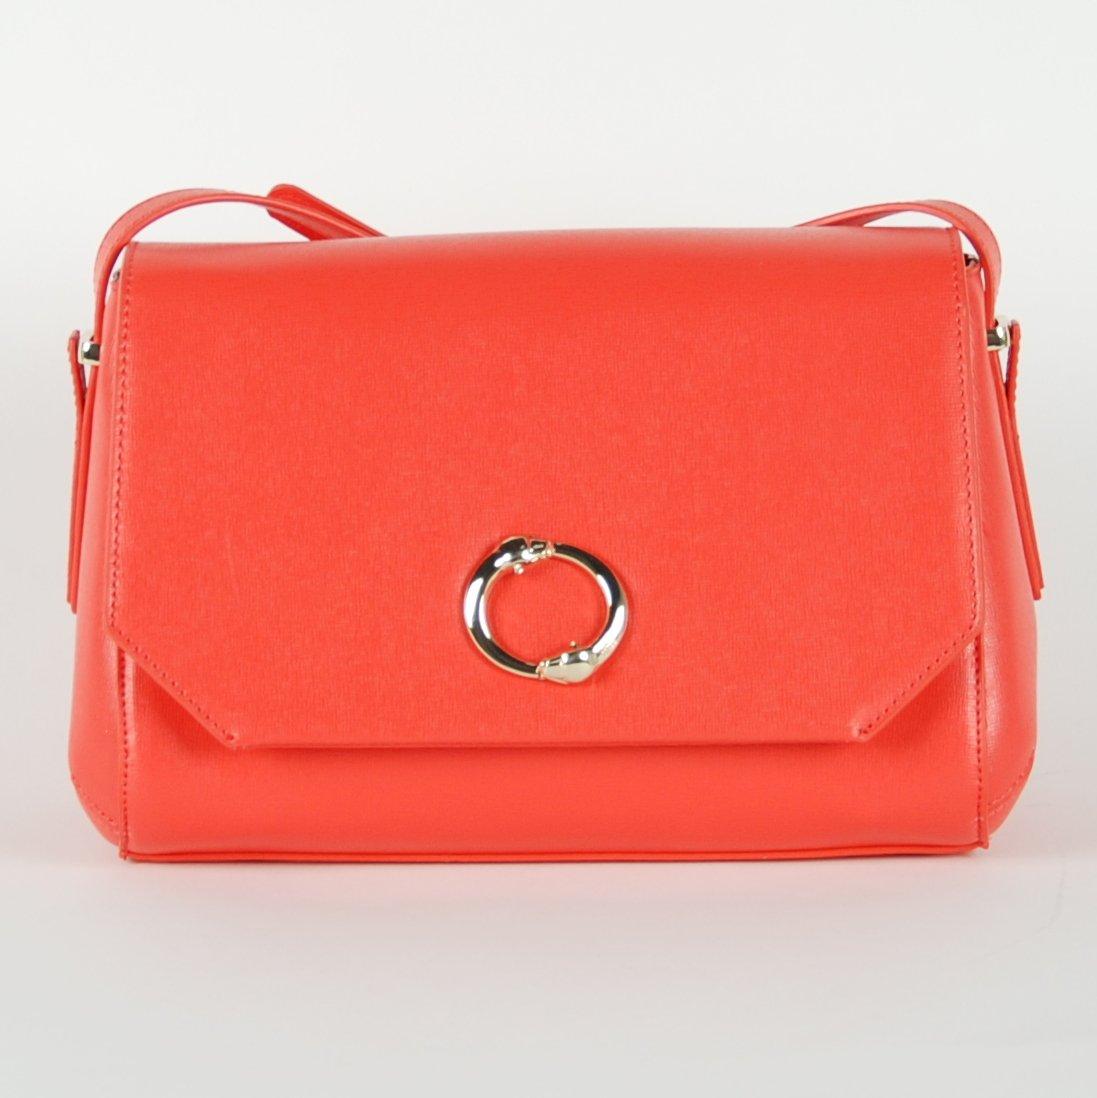 Cavalli Class Women's Shoulder Bag Coral CA1421417